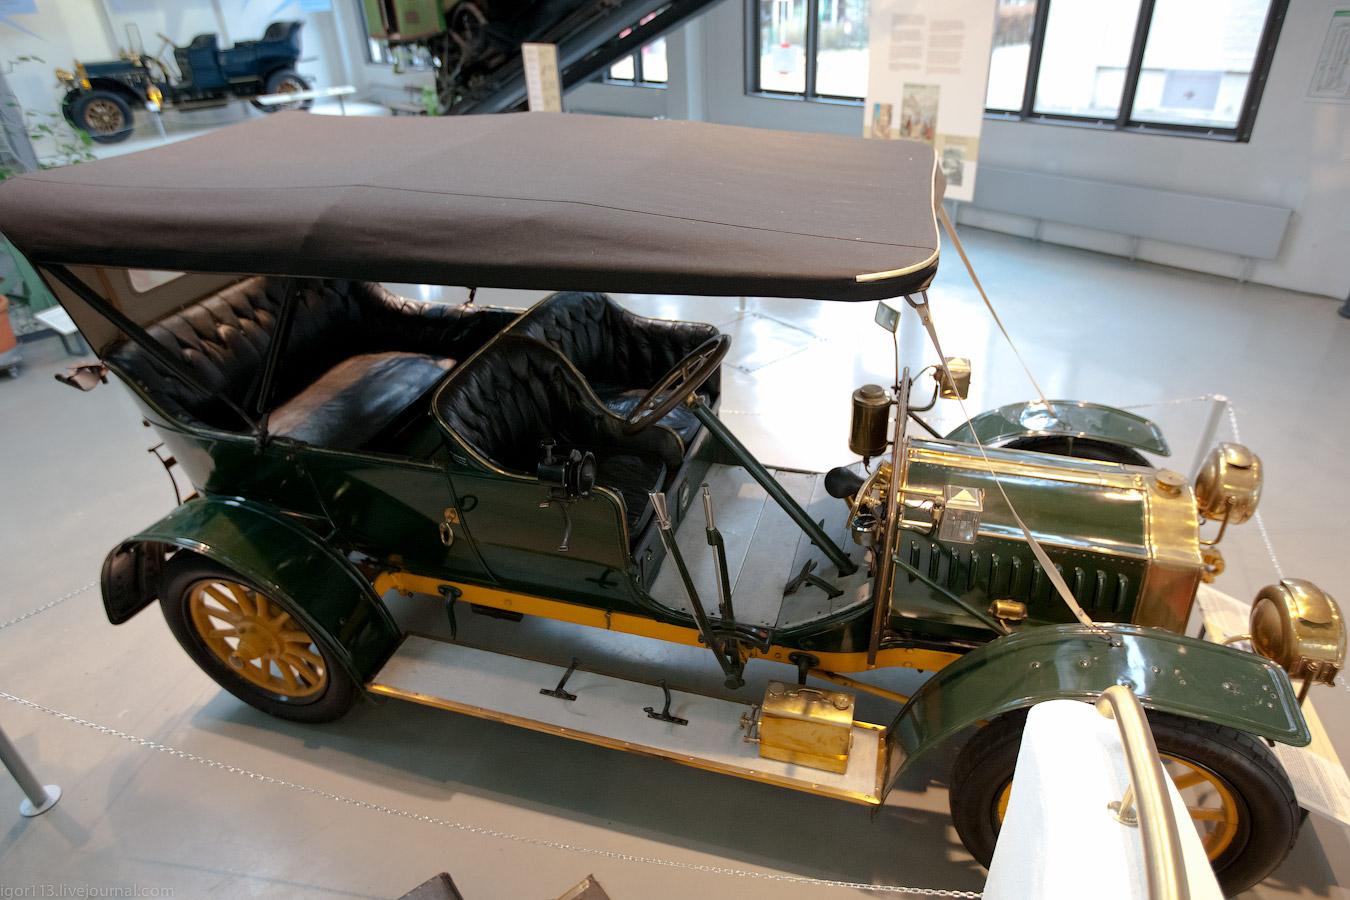 коленчатый вал восьмицилиндровый б/у 502 двигателя мерседес 1848